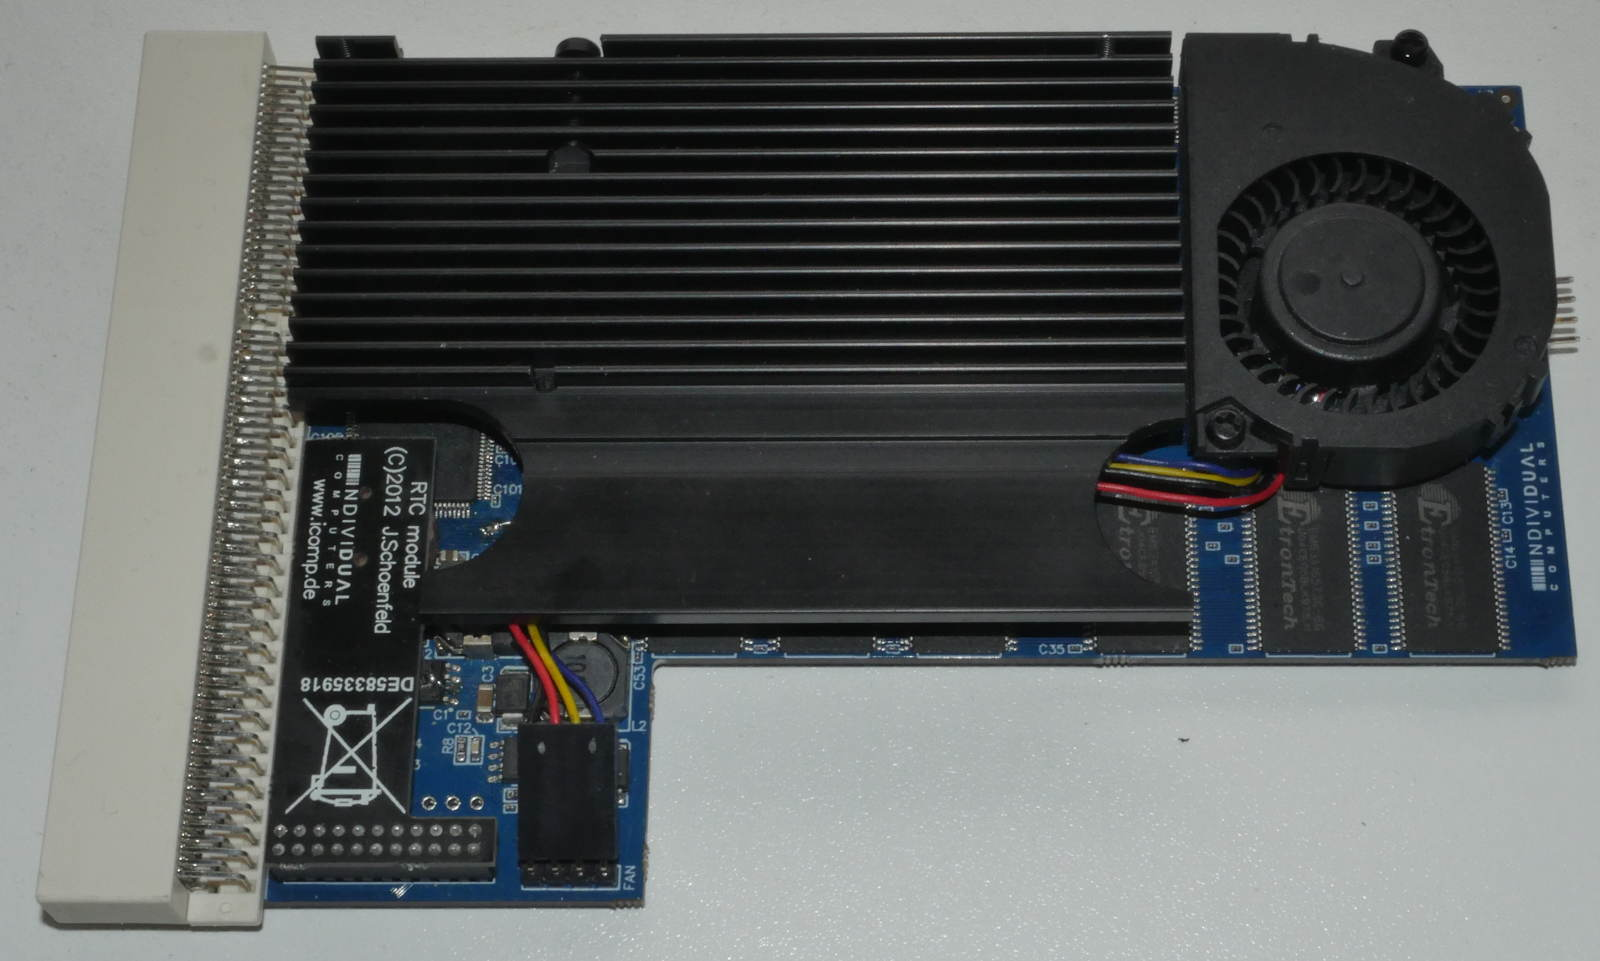 Klikněte na obrázek pro zobrazení větší verze  Název: ACA1260_prototype.JPG Zobrazeno: 54 Velikost: 117,5 KB ID: 9938